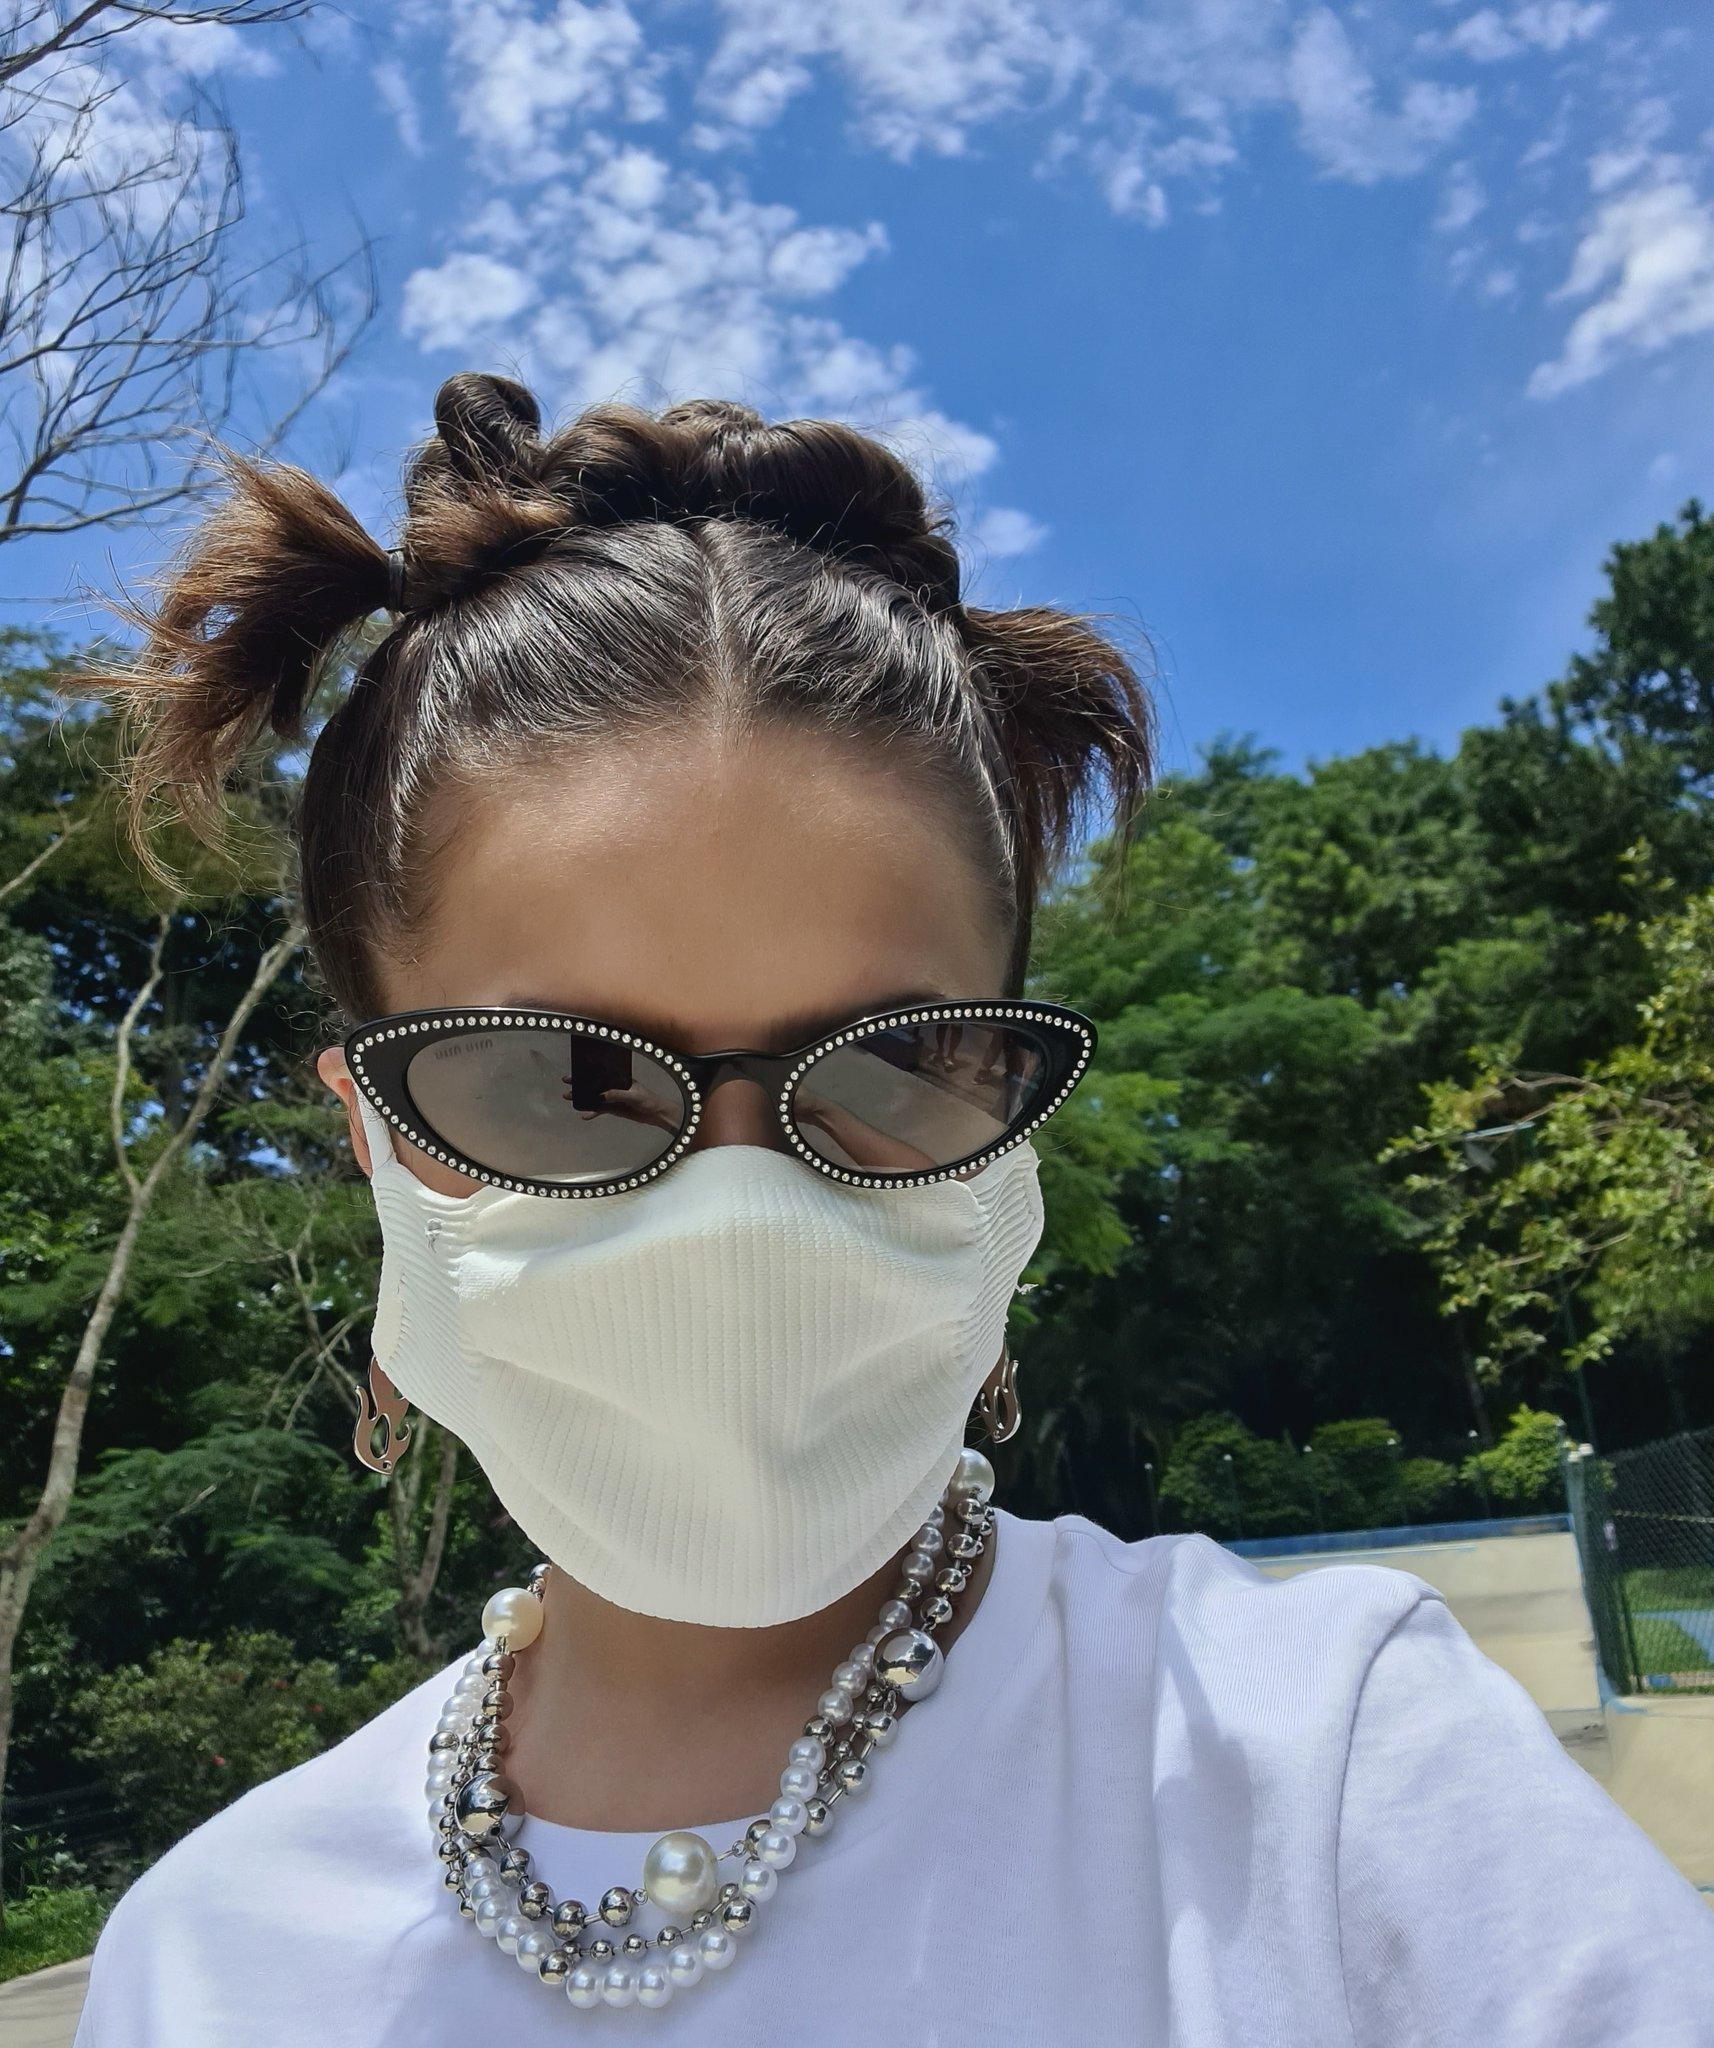 Maisa Silva usando óculos de sol e colar de pérolas, camiseta branca e máscara de proteção branca